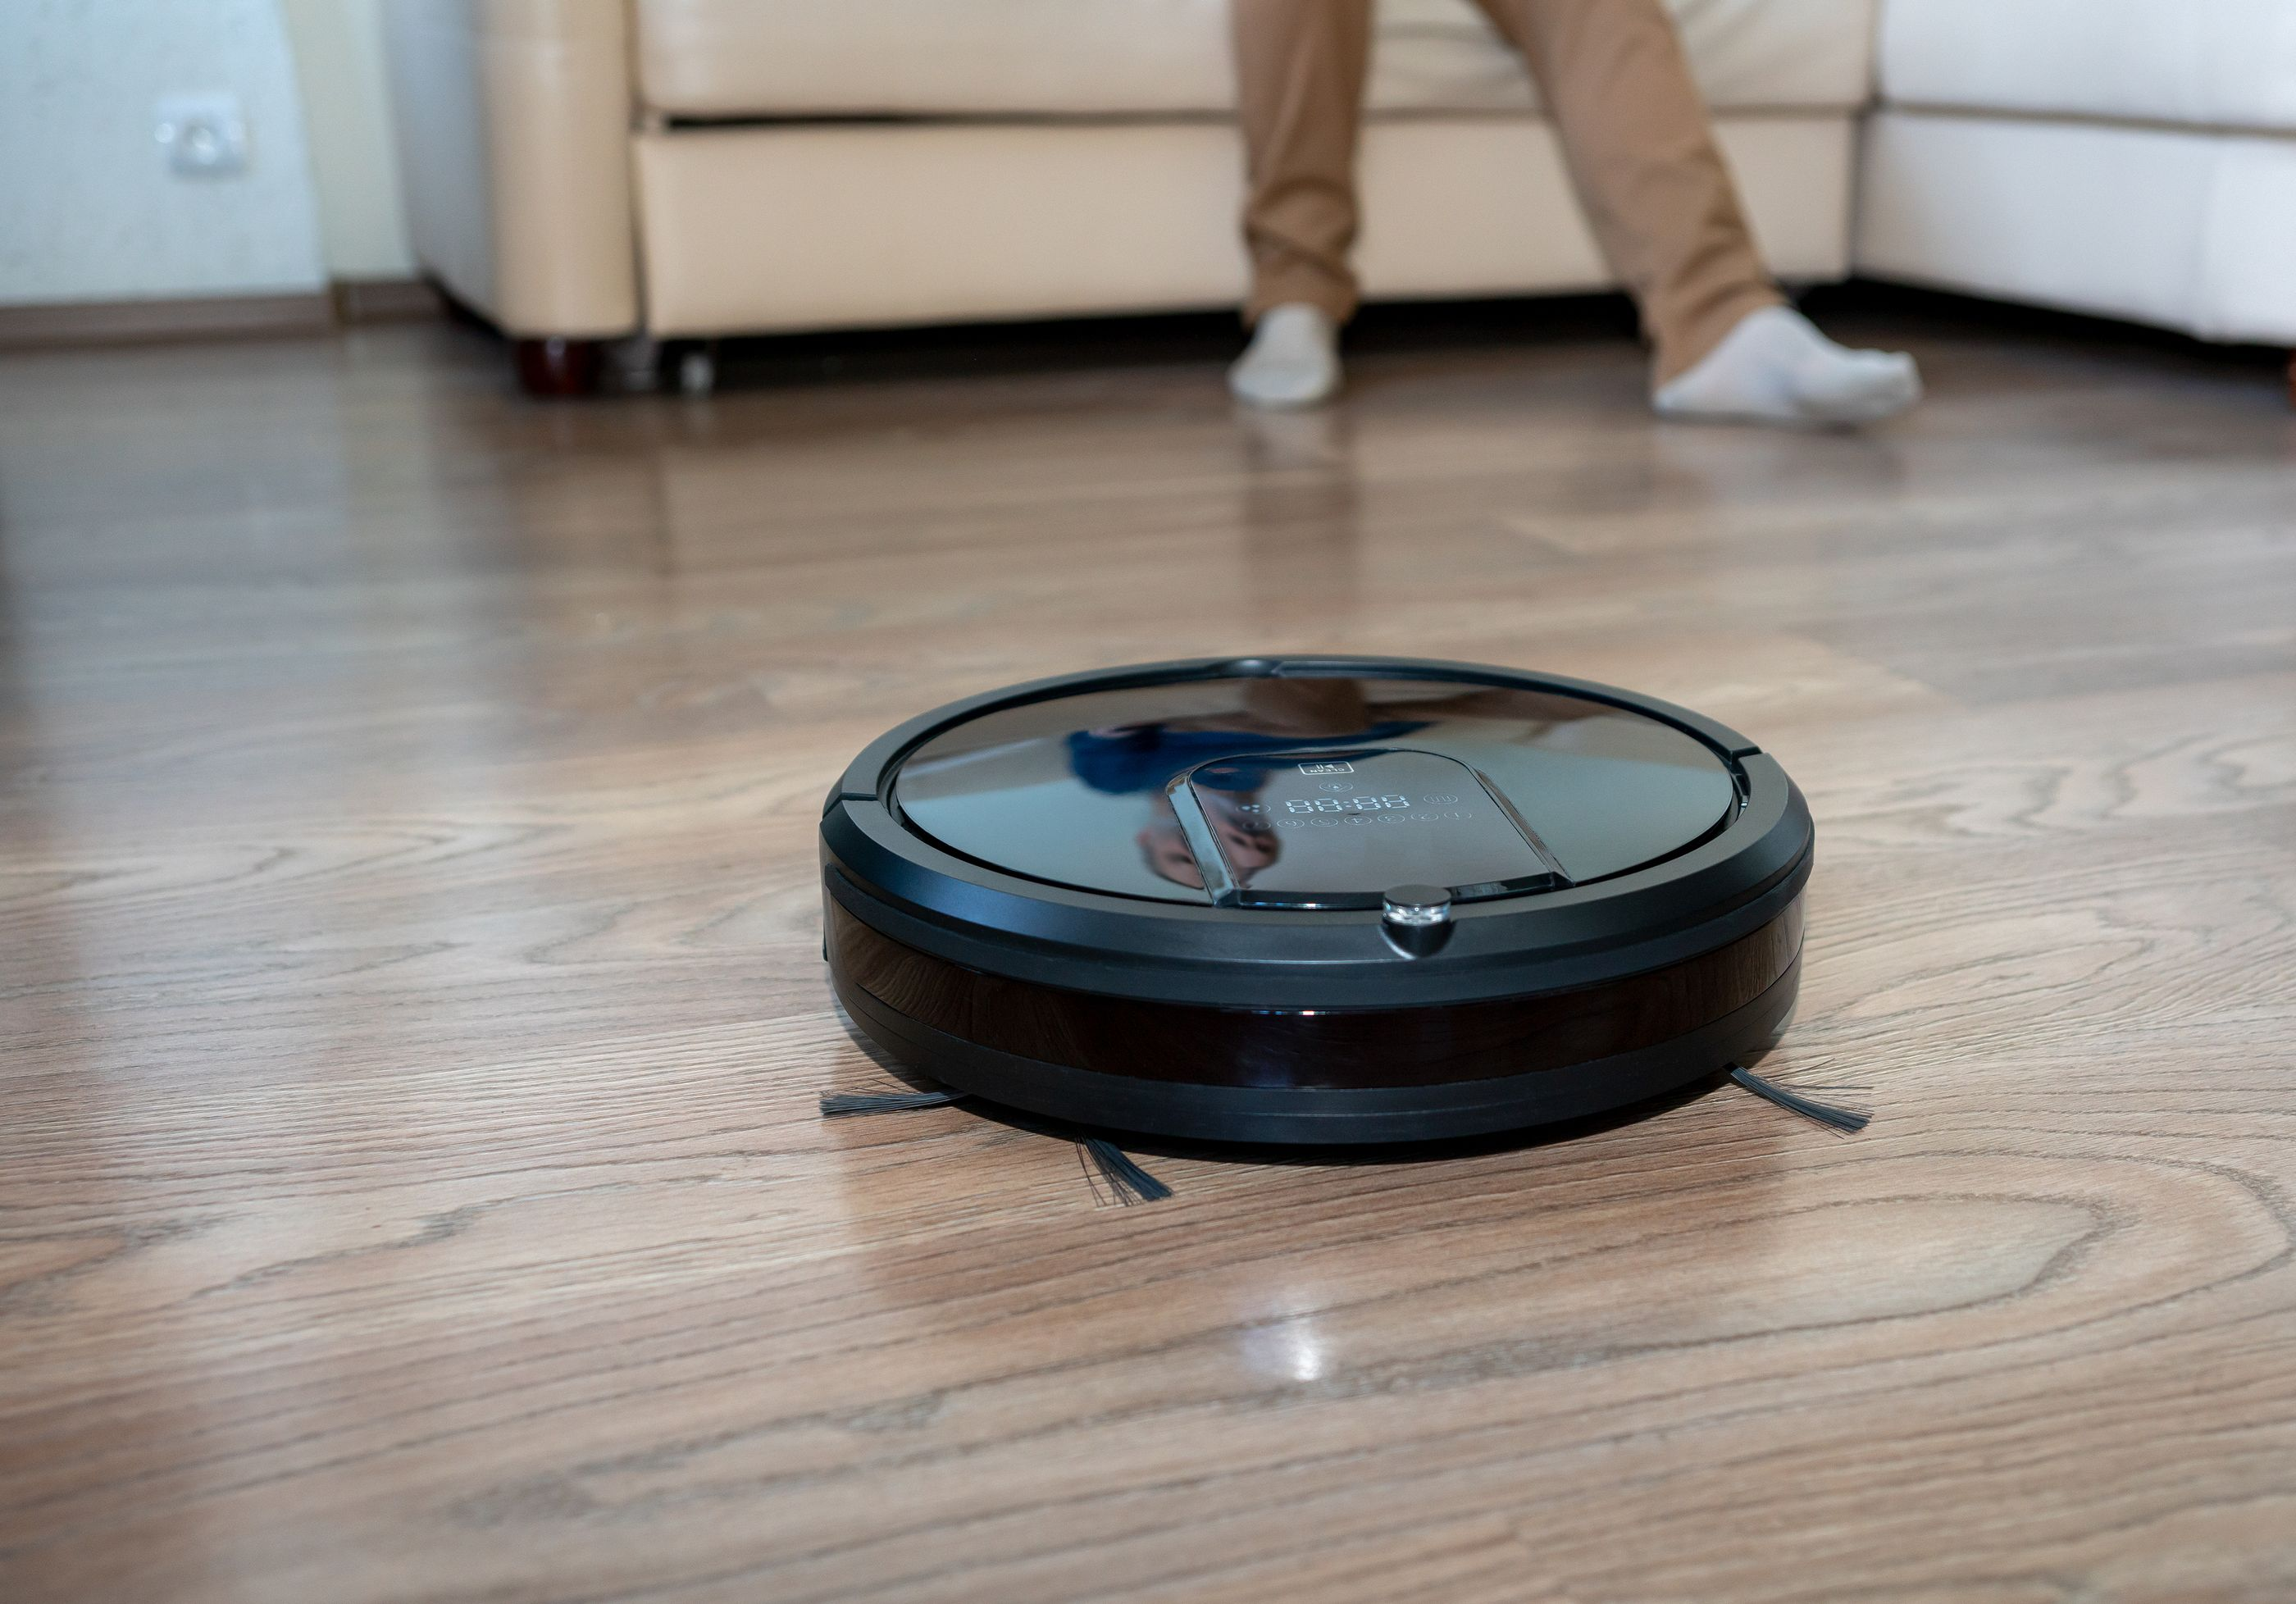 Los robots aspiradores en los hogares